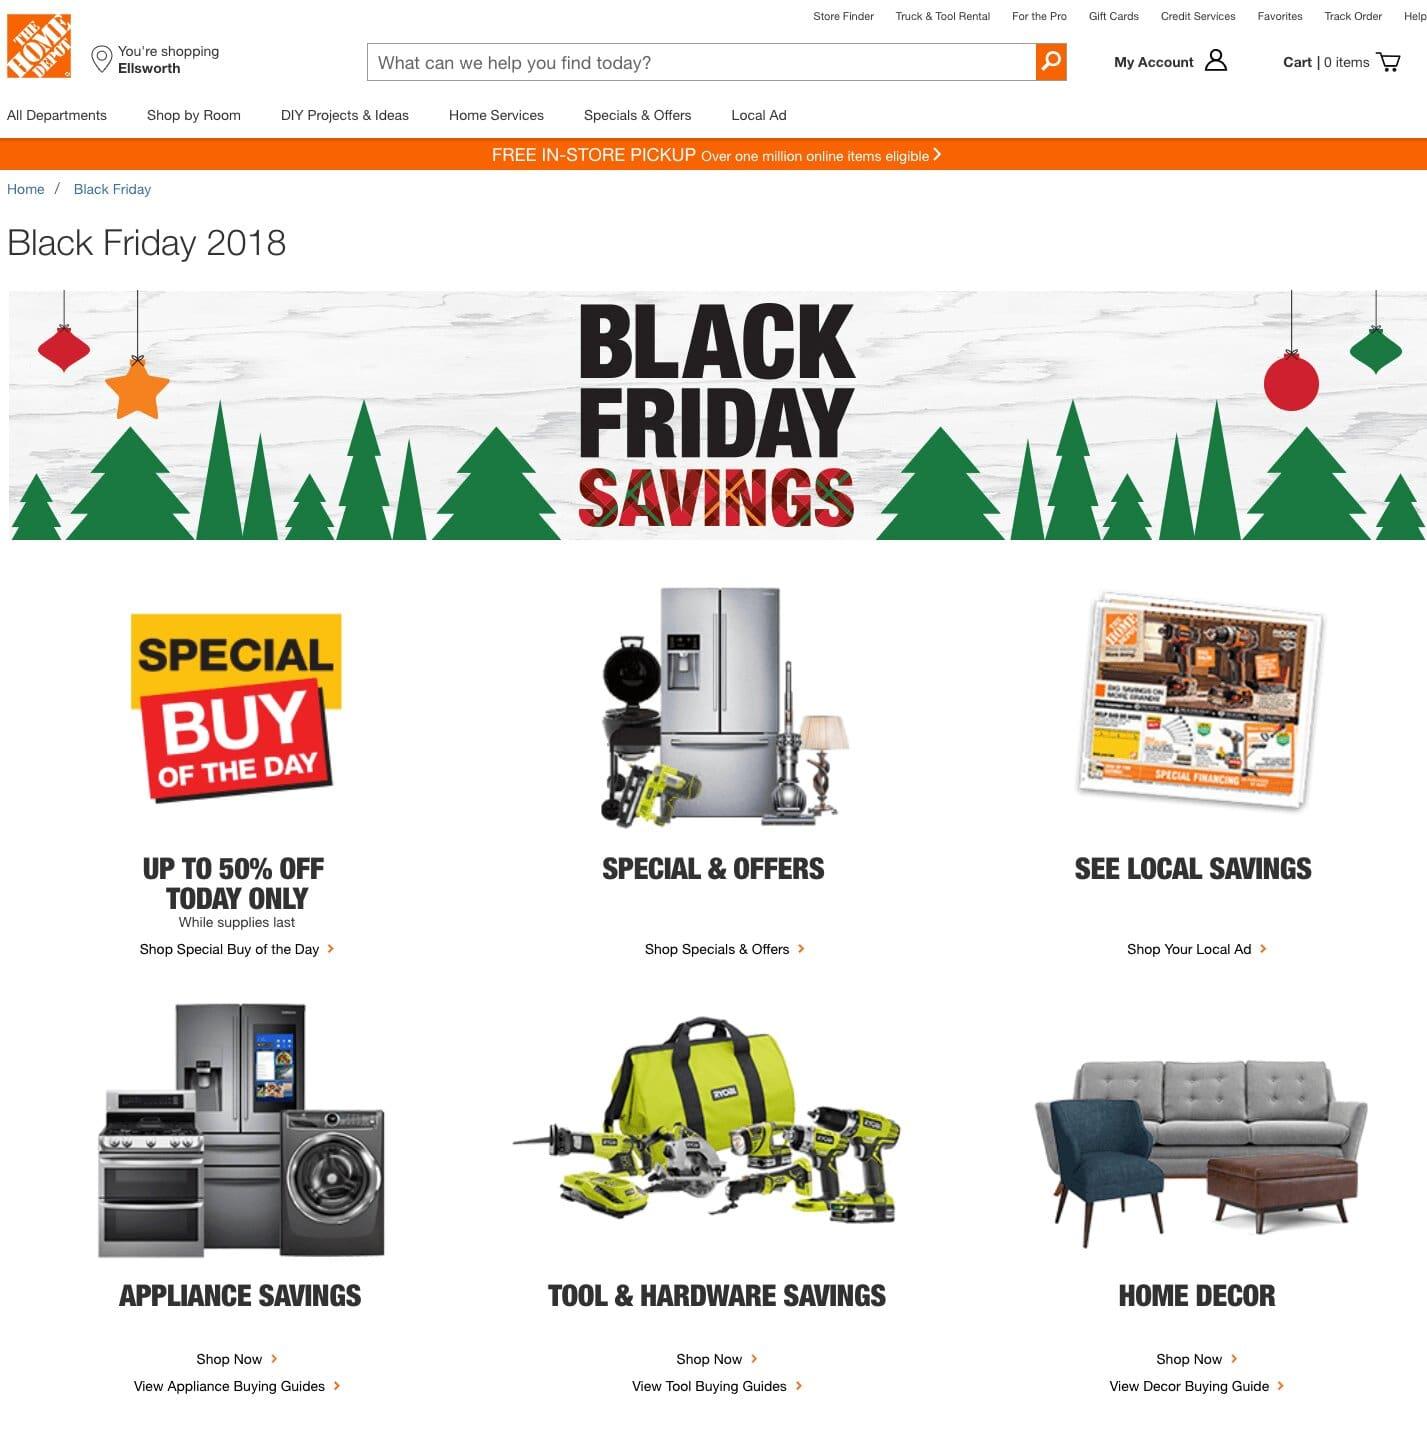 directorio de productos en Black Friday 2020